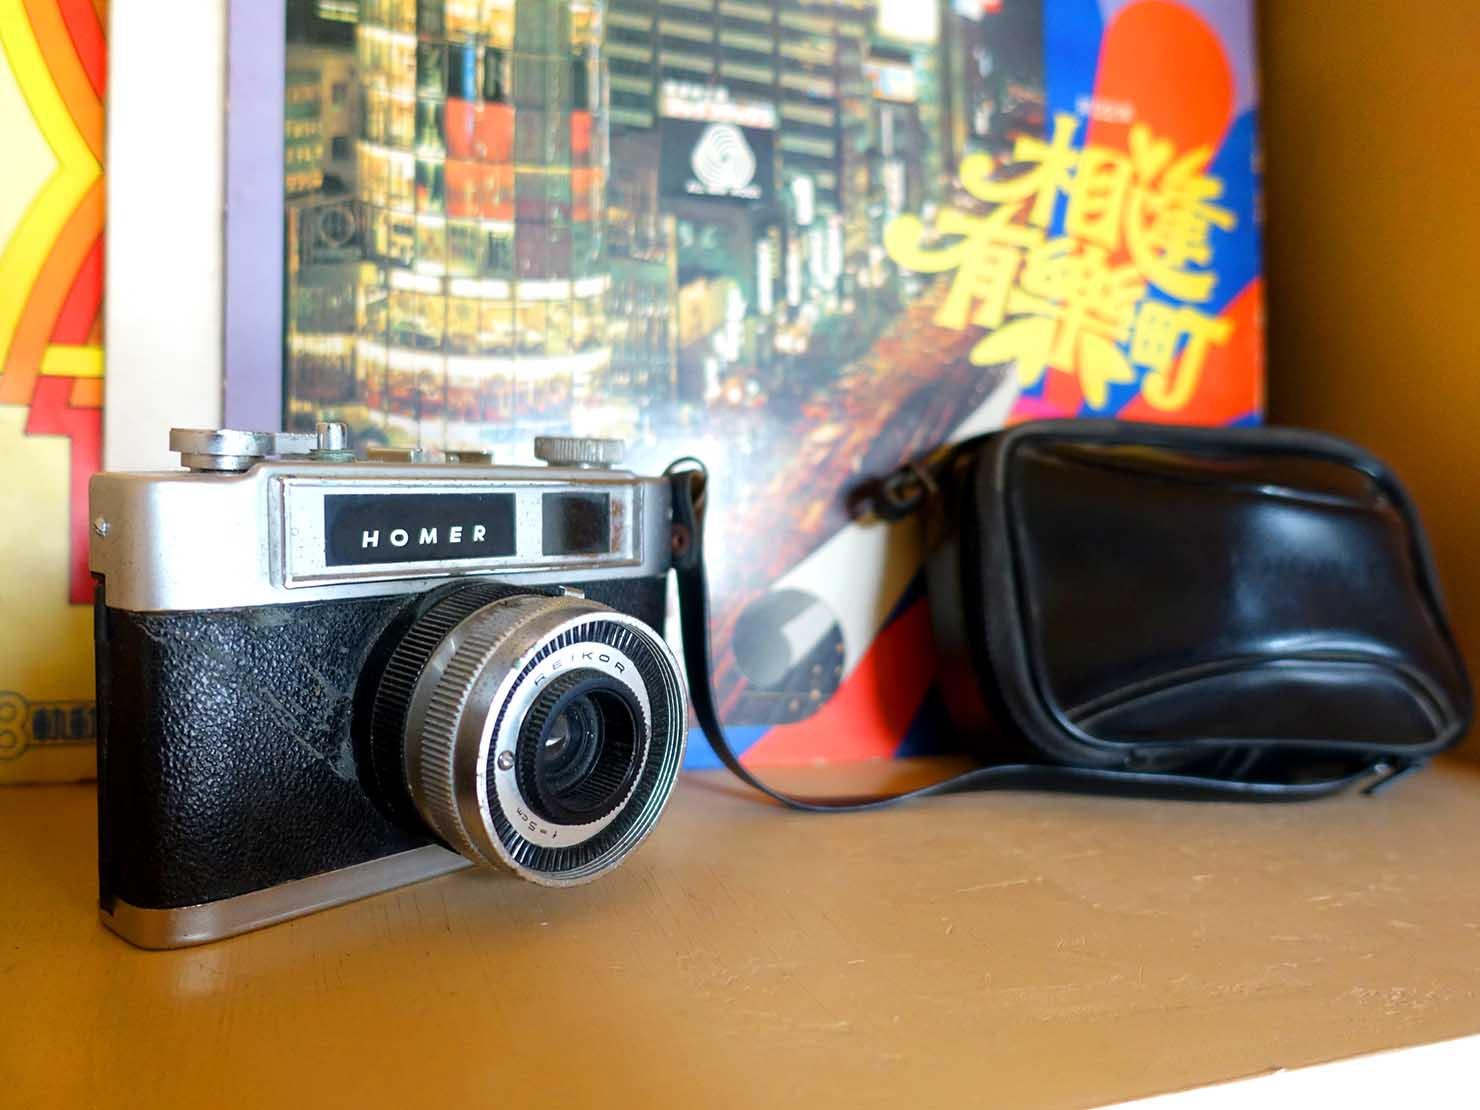 台南のおすすめ古民家ゲストハウス「永福97.1」アティックキャビン2Fの棚に置かれたフィルムカメラ